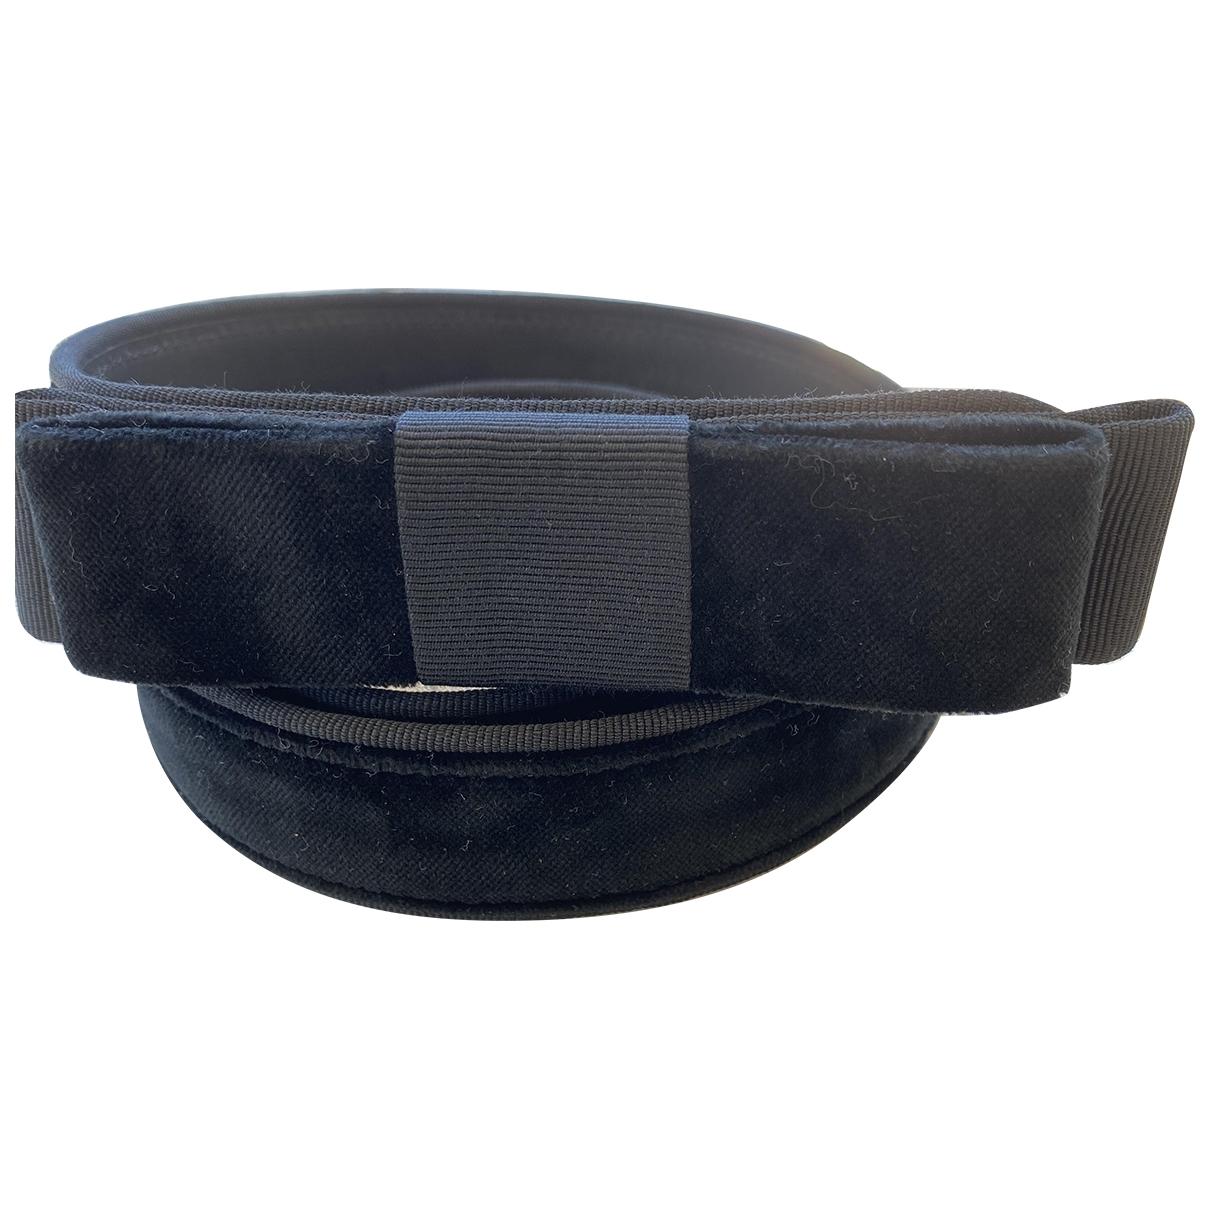 Rena Lange \N Black belt for Women 80 cm